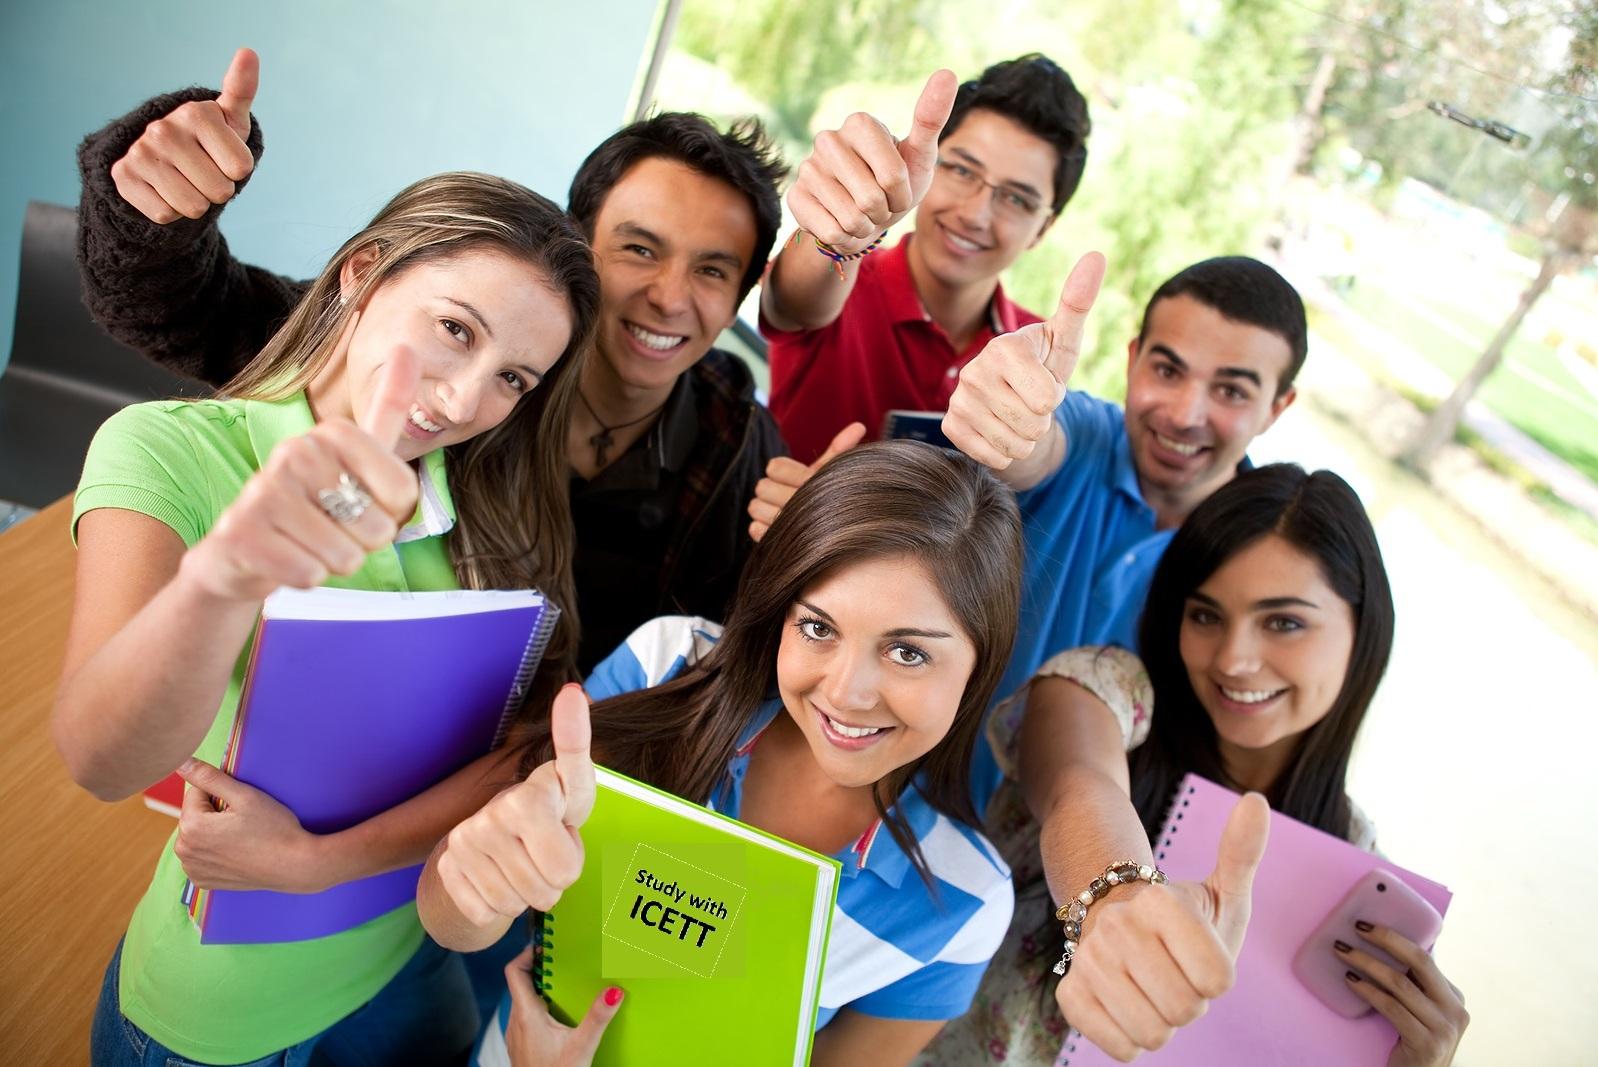 ICETT Prep Courses for University